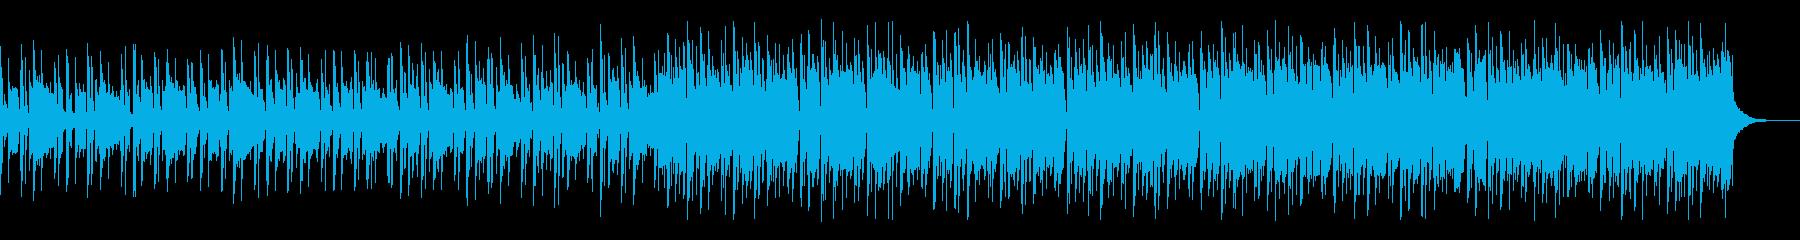 レトロで疾走感のあるゲームBGMの再生済みの波形